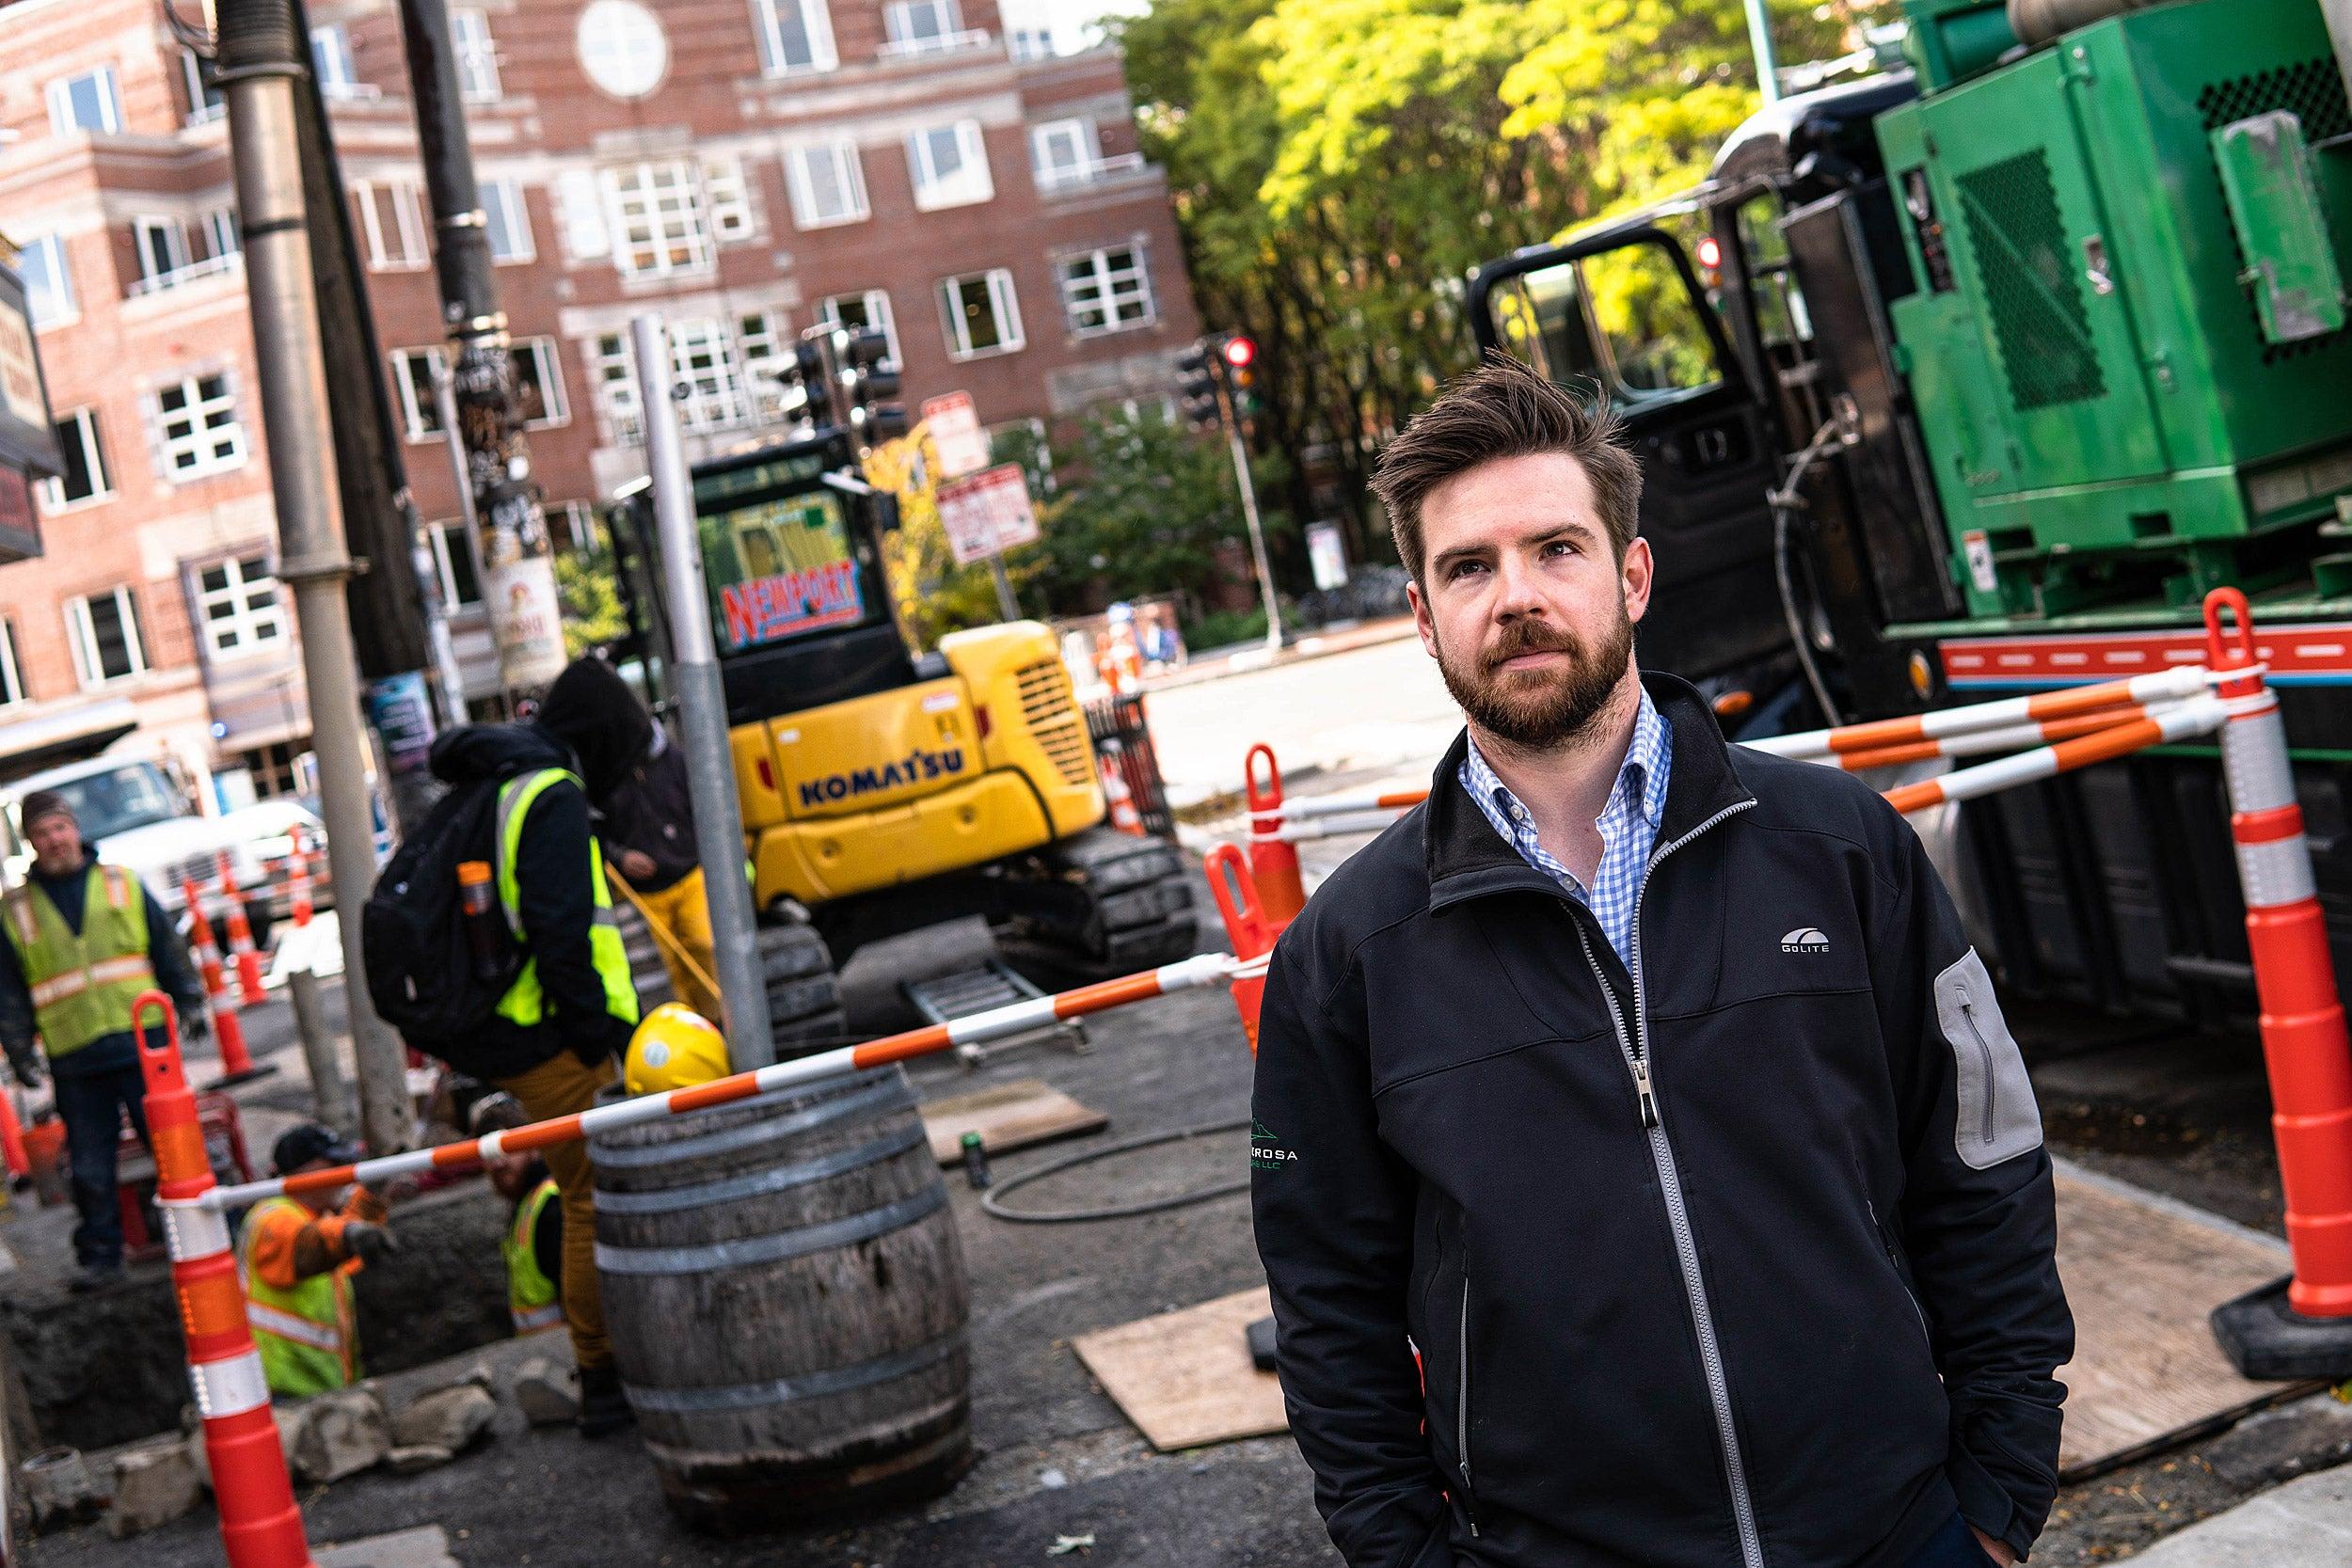 Patrick Behrer in Harvard Square.